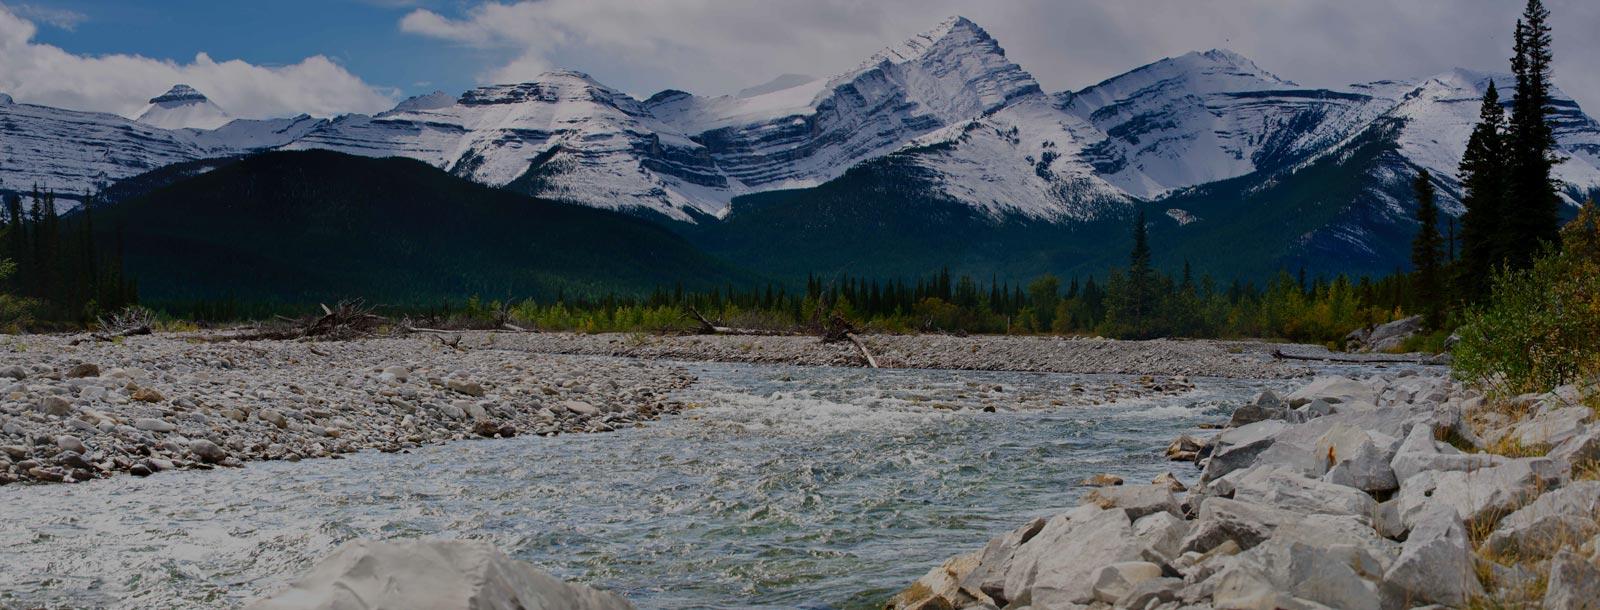 1600x610_mountains5